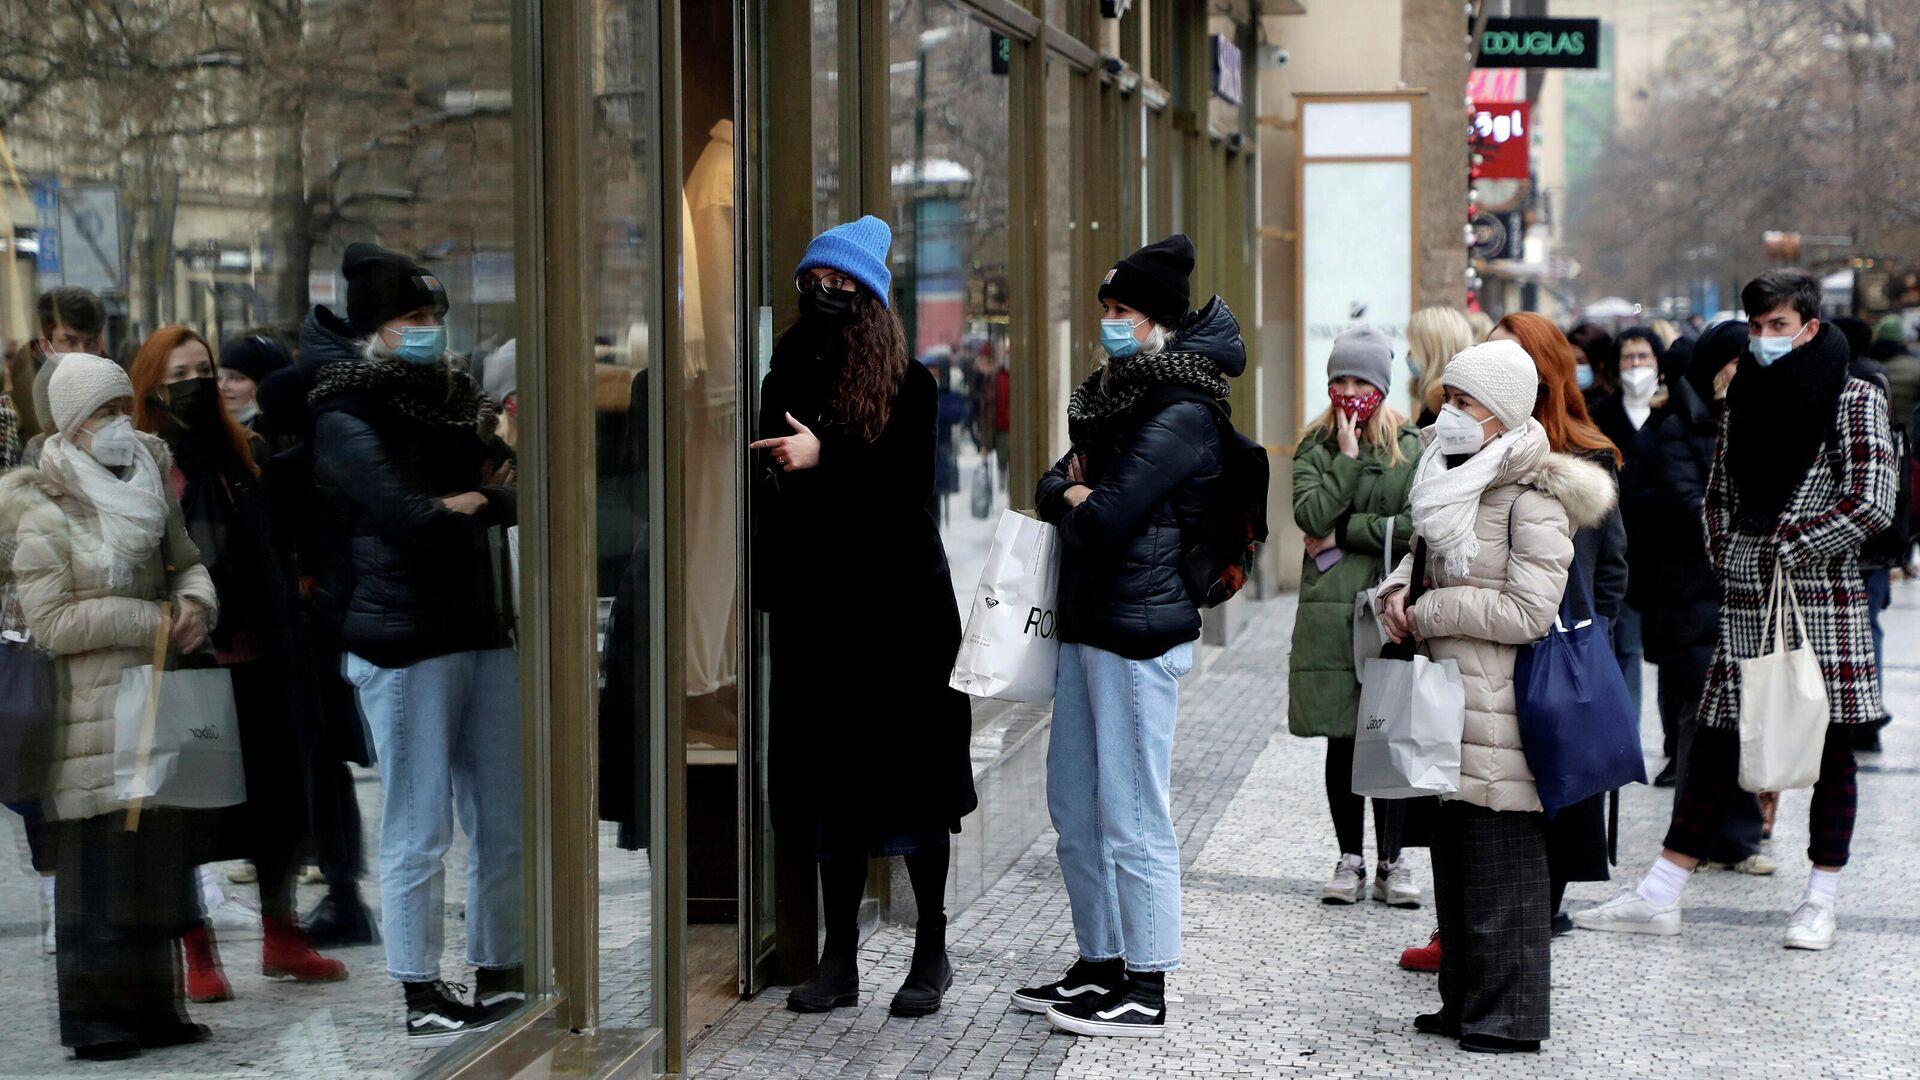 Покупатели в очереди перед магазином в Праге - РИА Новости, 1920, 18.01.2021